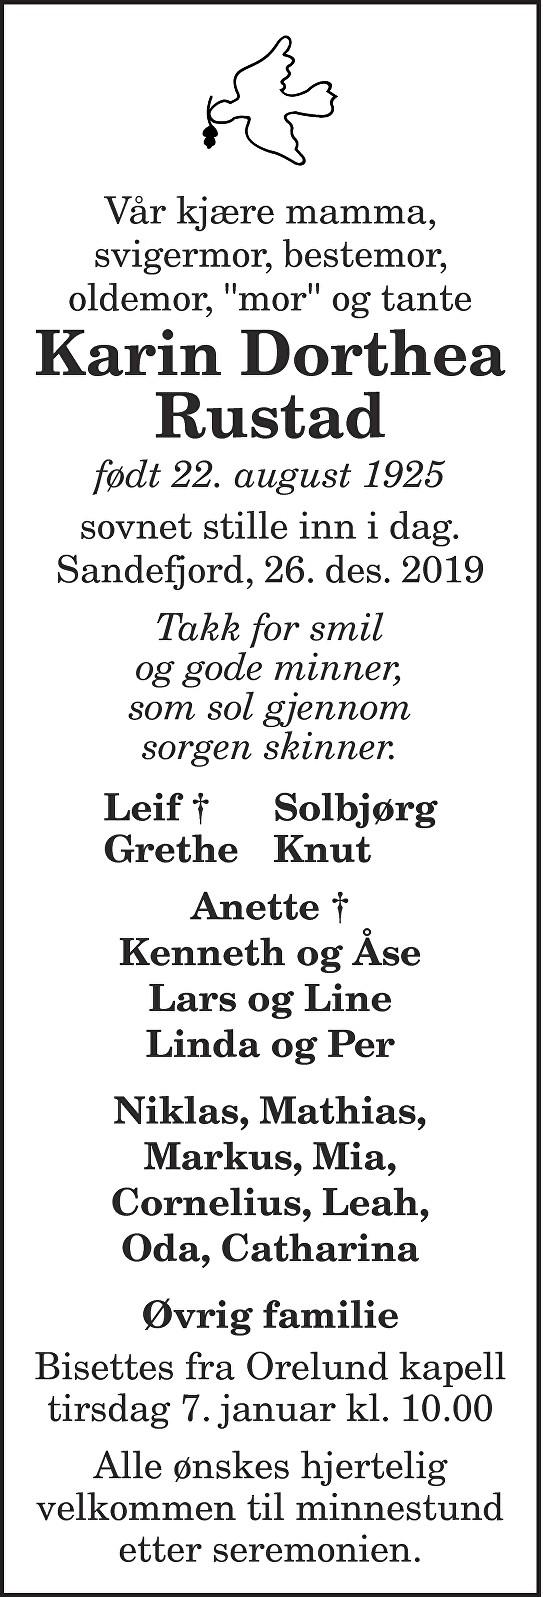 Karin Dorthea Rustad Dødsannonse